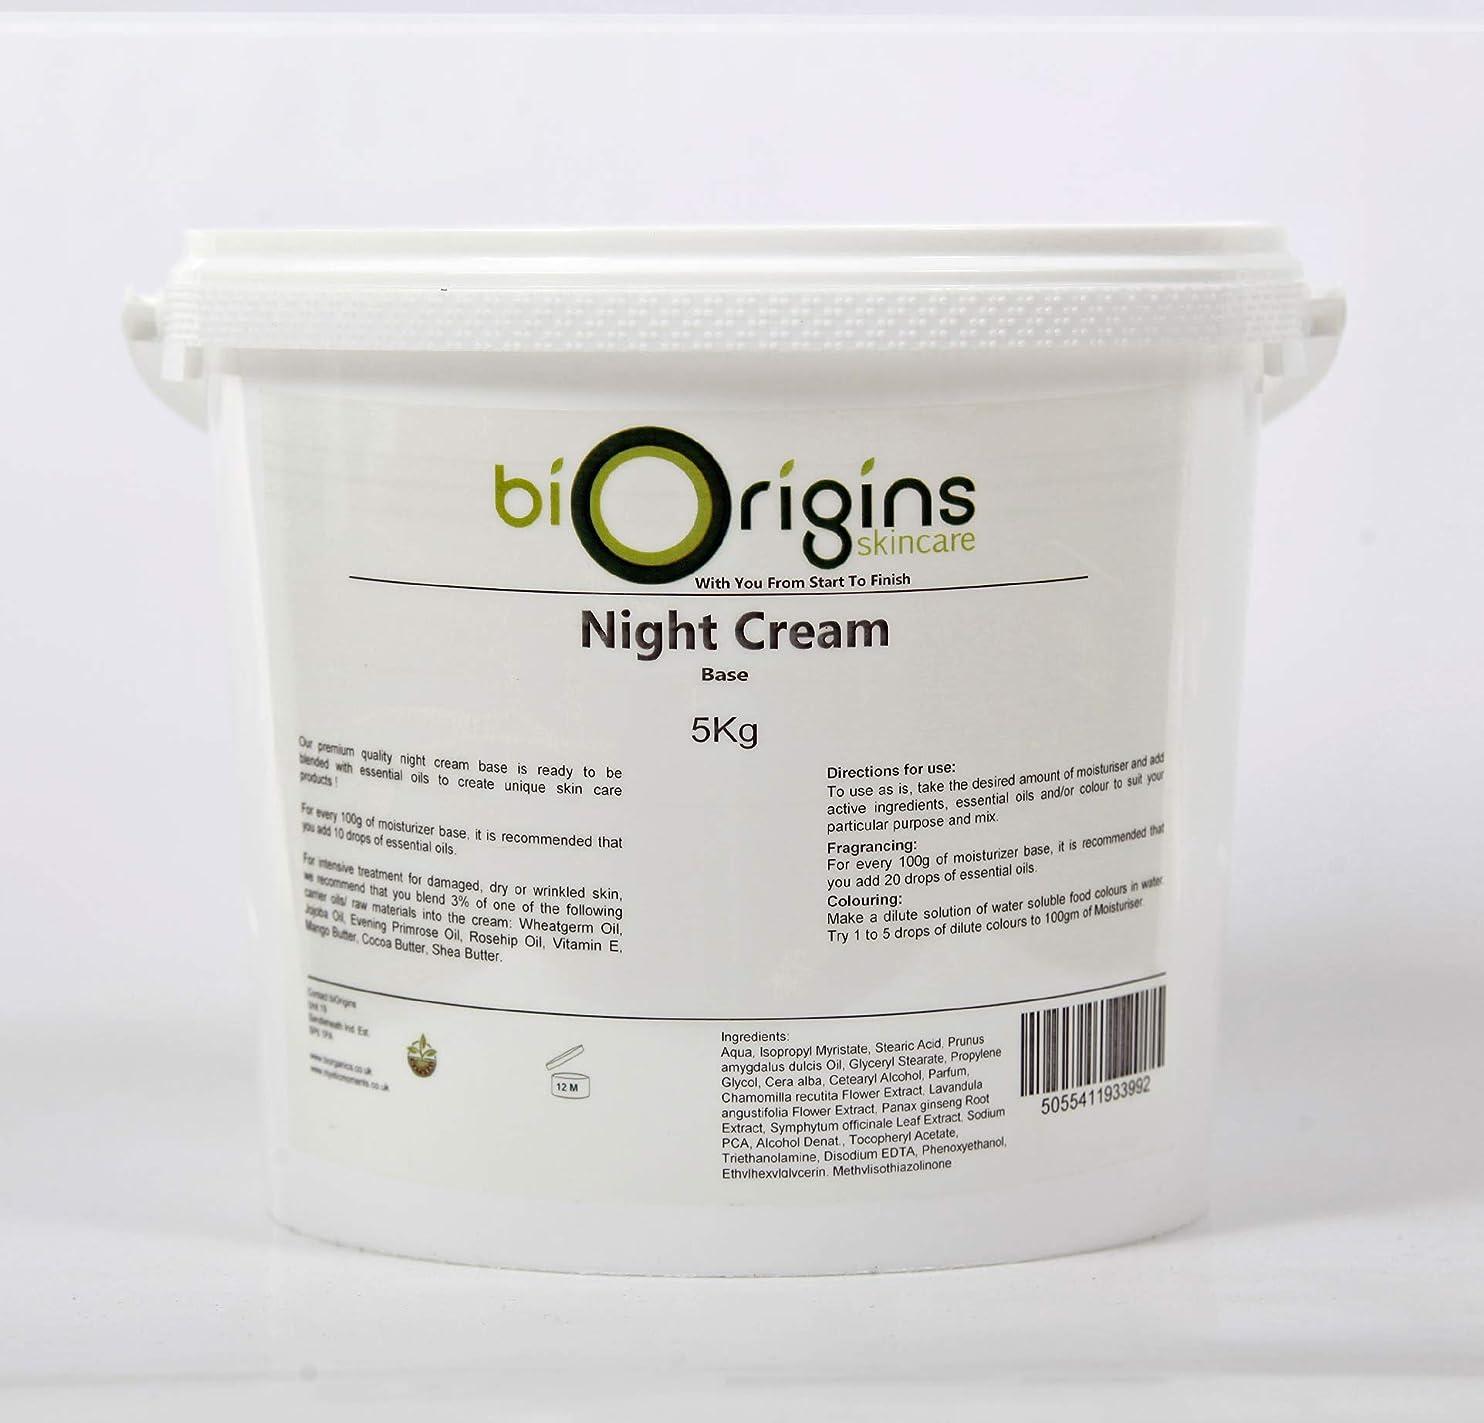 市民隠盲目Night Cream - Botanical Skincare Base - 5Kg